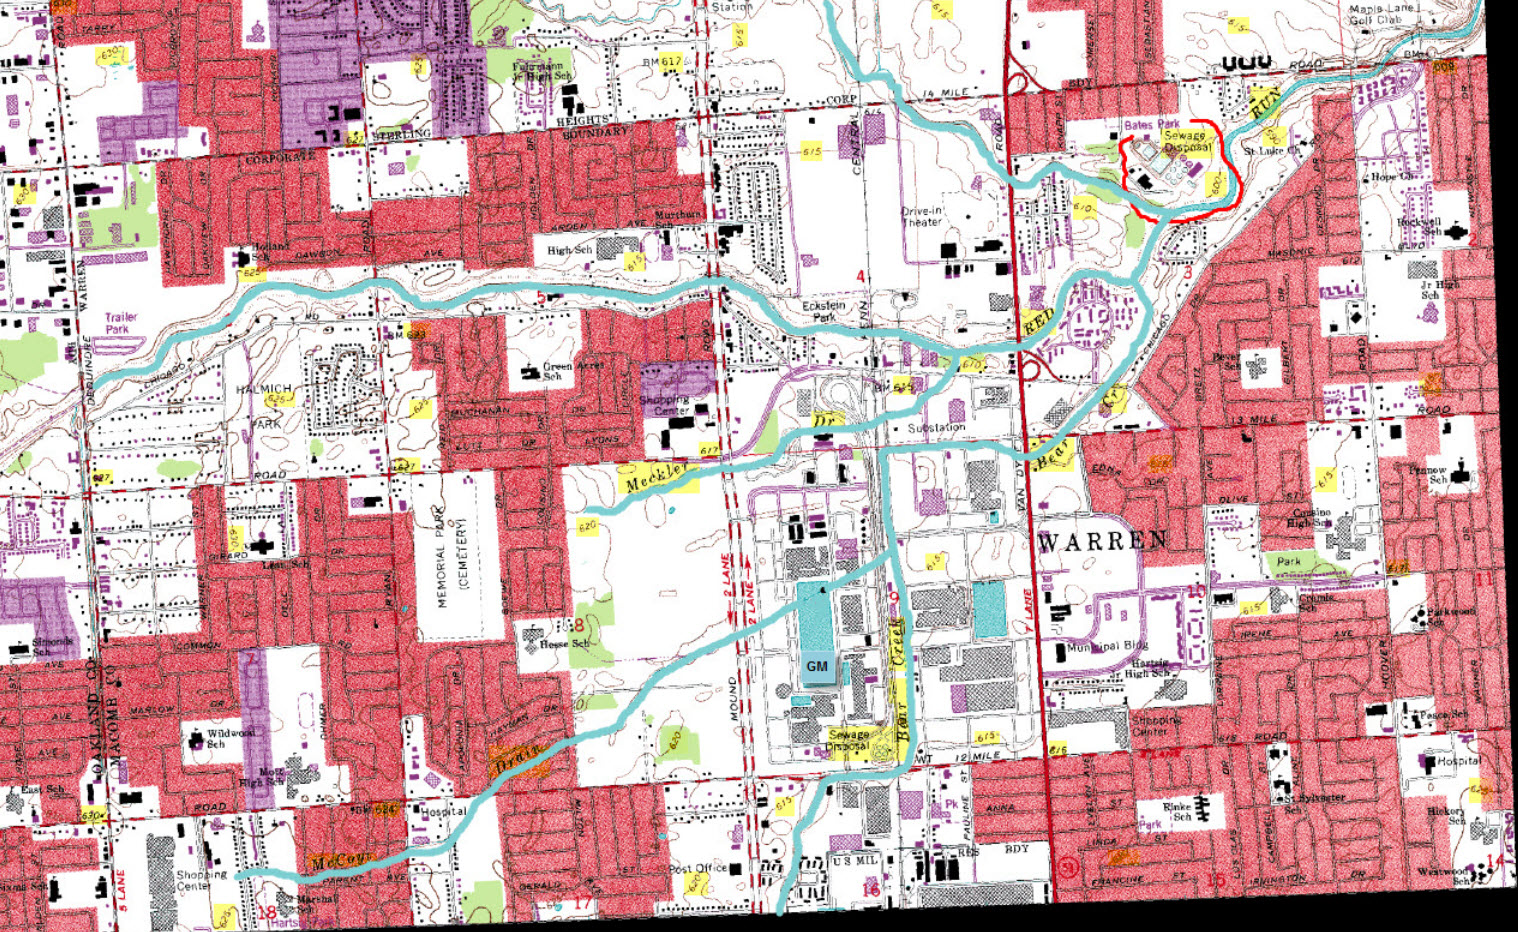 2013 Gm Tech Center Map